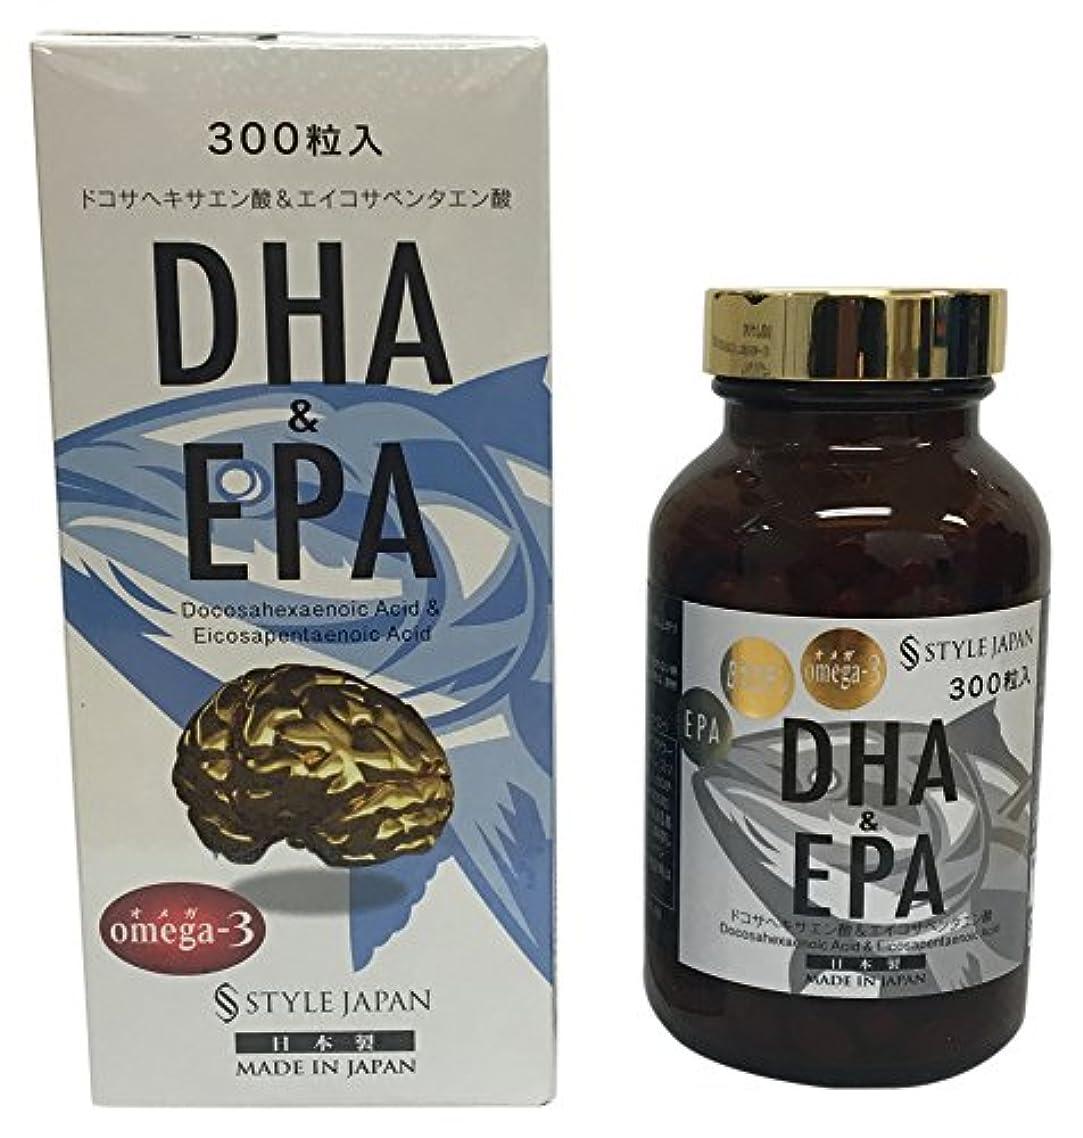 ドアミラー設計図支給スタイルジャパン DHA&EPA 300粒 90g 日本製